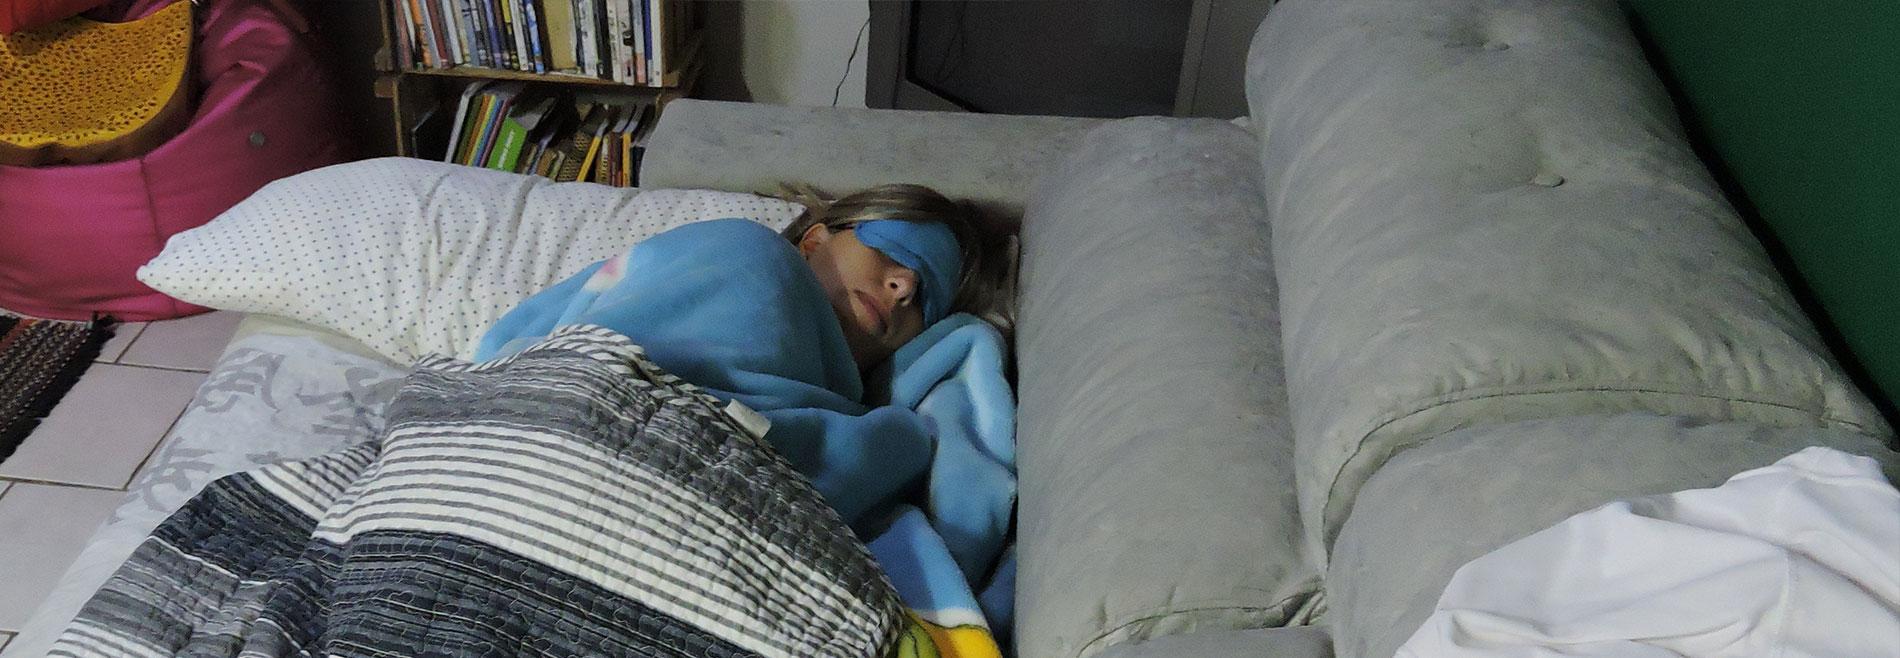 Couchsurfing literal